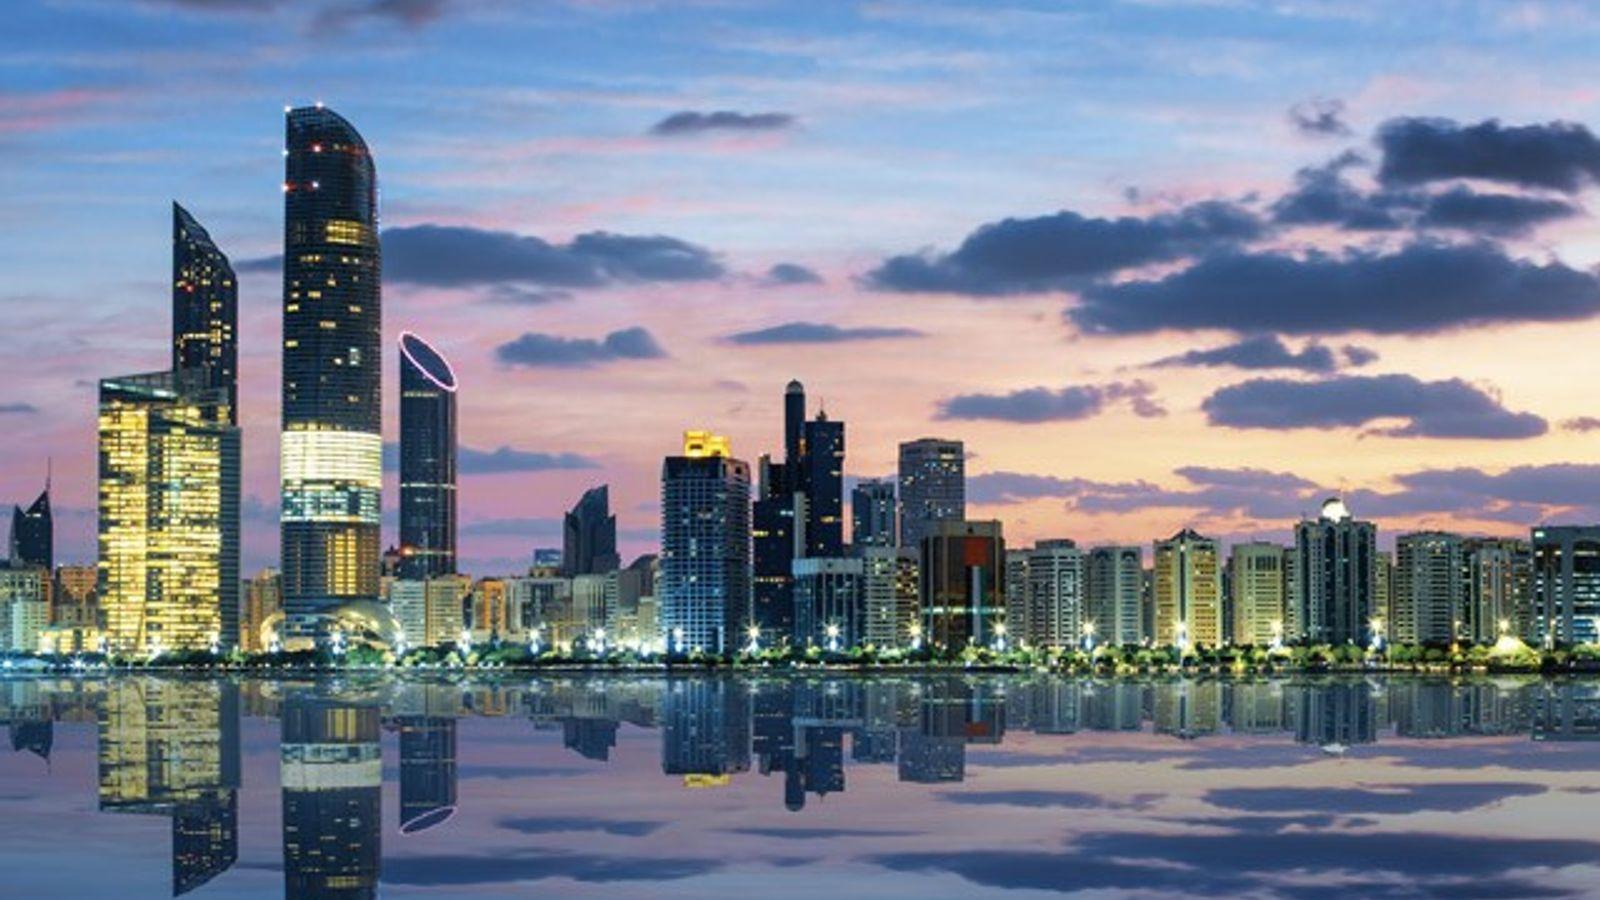 Corniche bay, Abu Dhabi